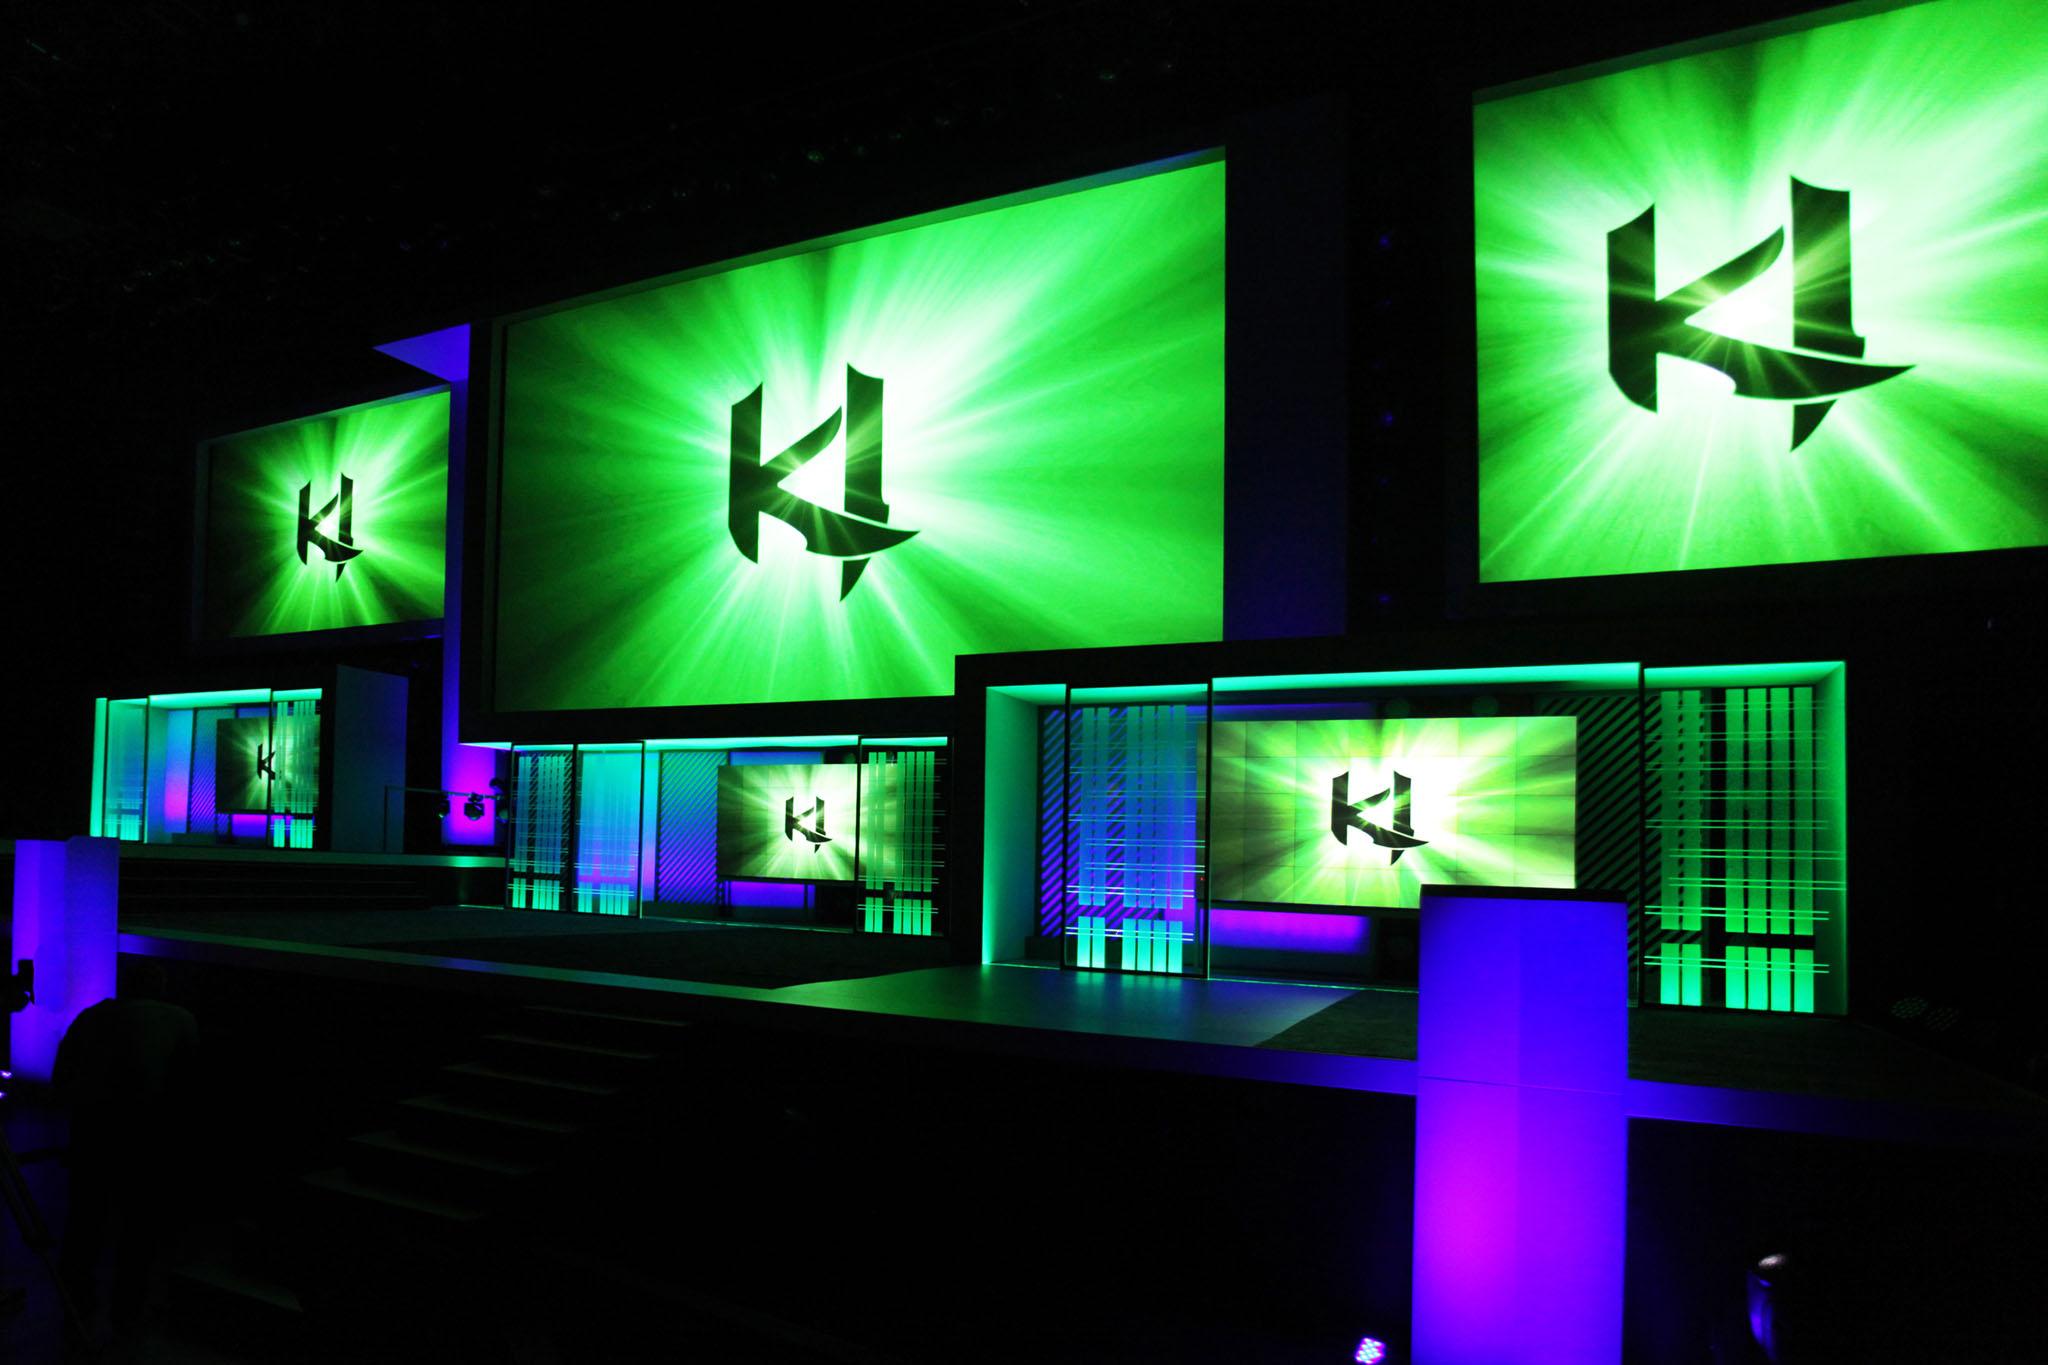 E3 2013 - NFP0068.jpg